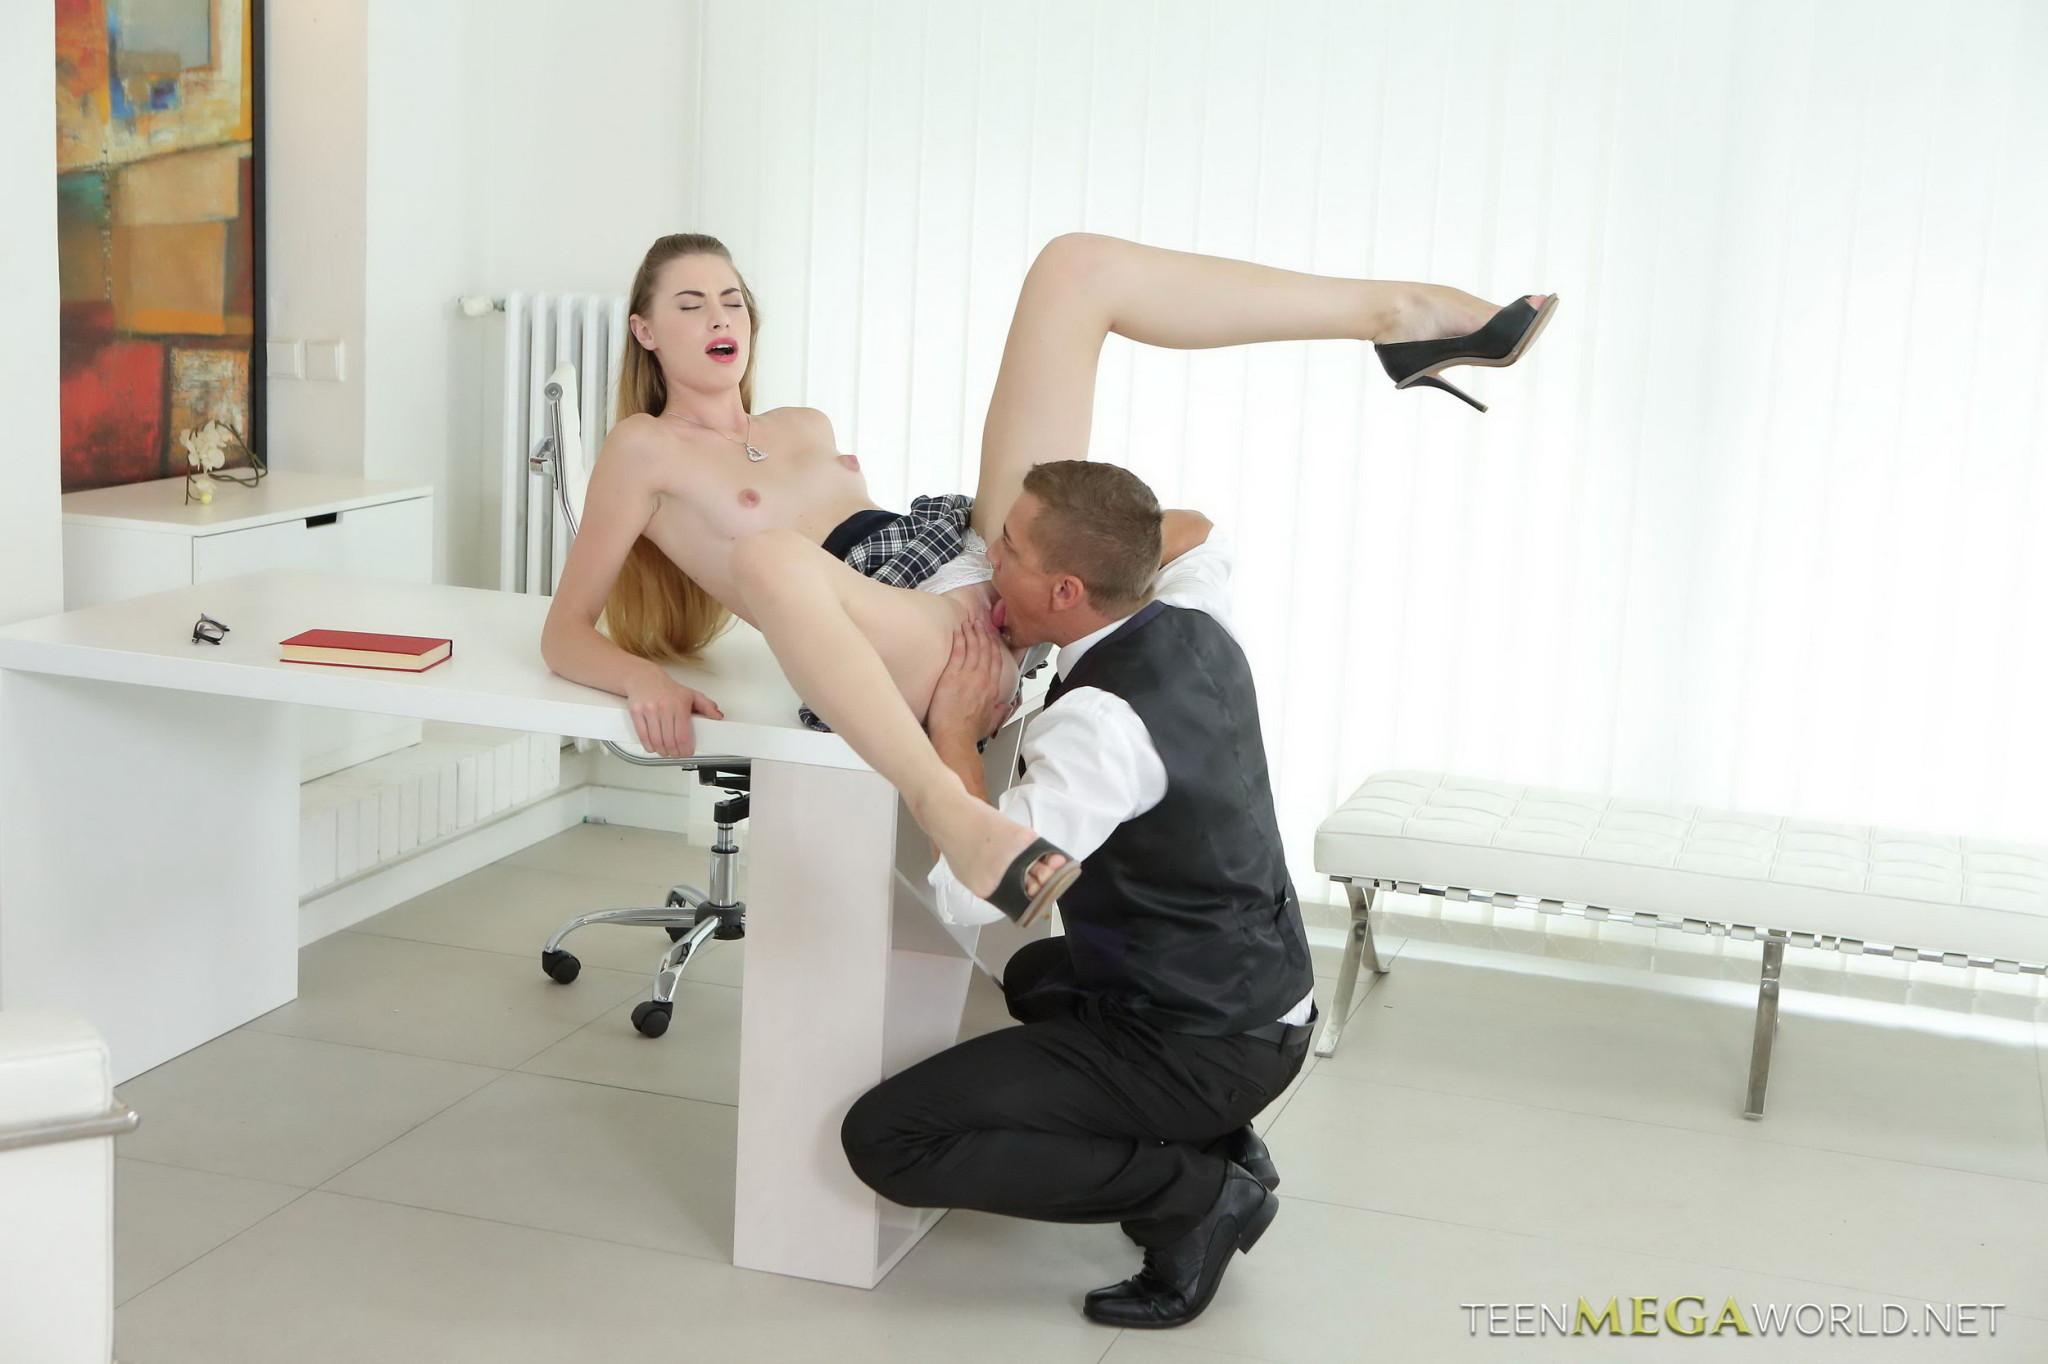 Репетитор учит привлекательную самку не только решать сложные задачи, но и скакать на настоящем мужском органе